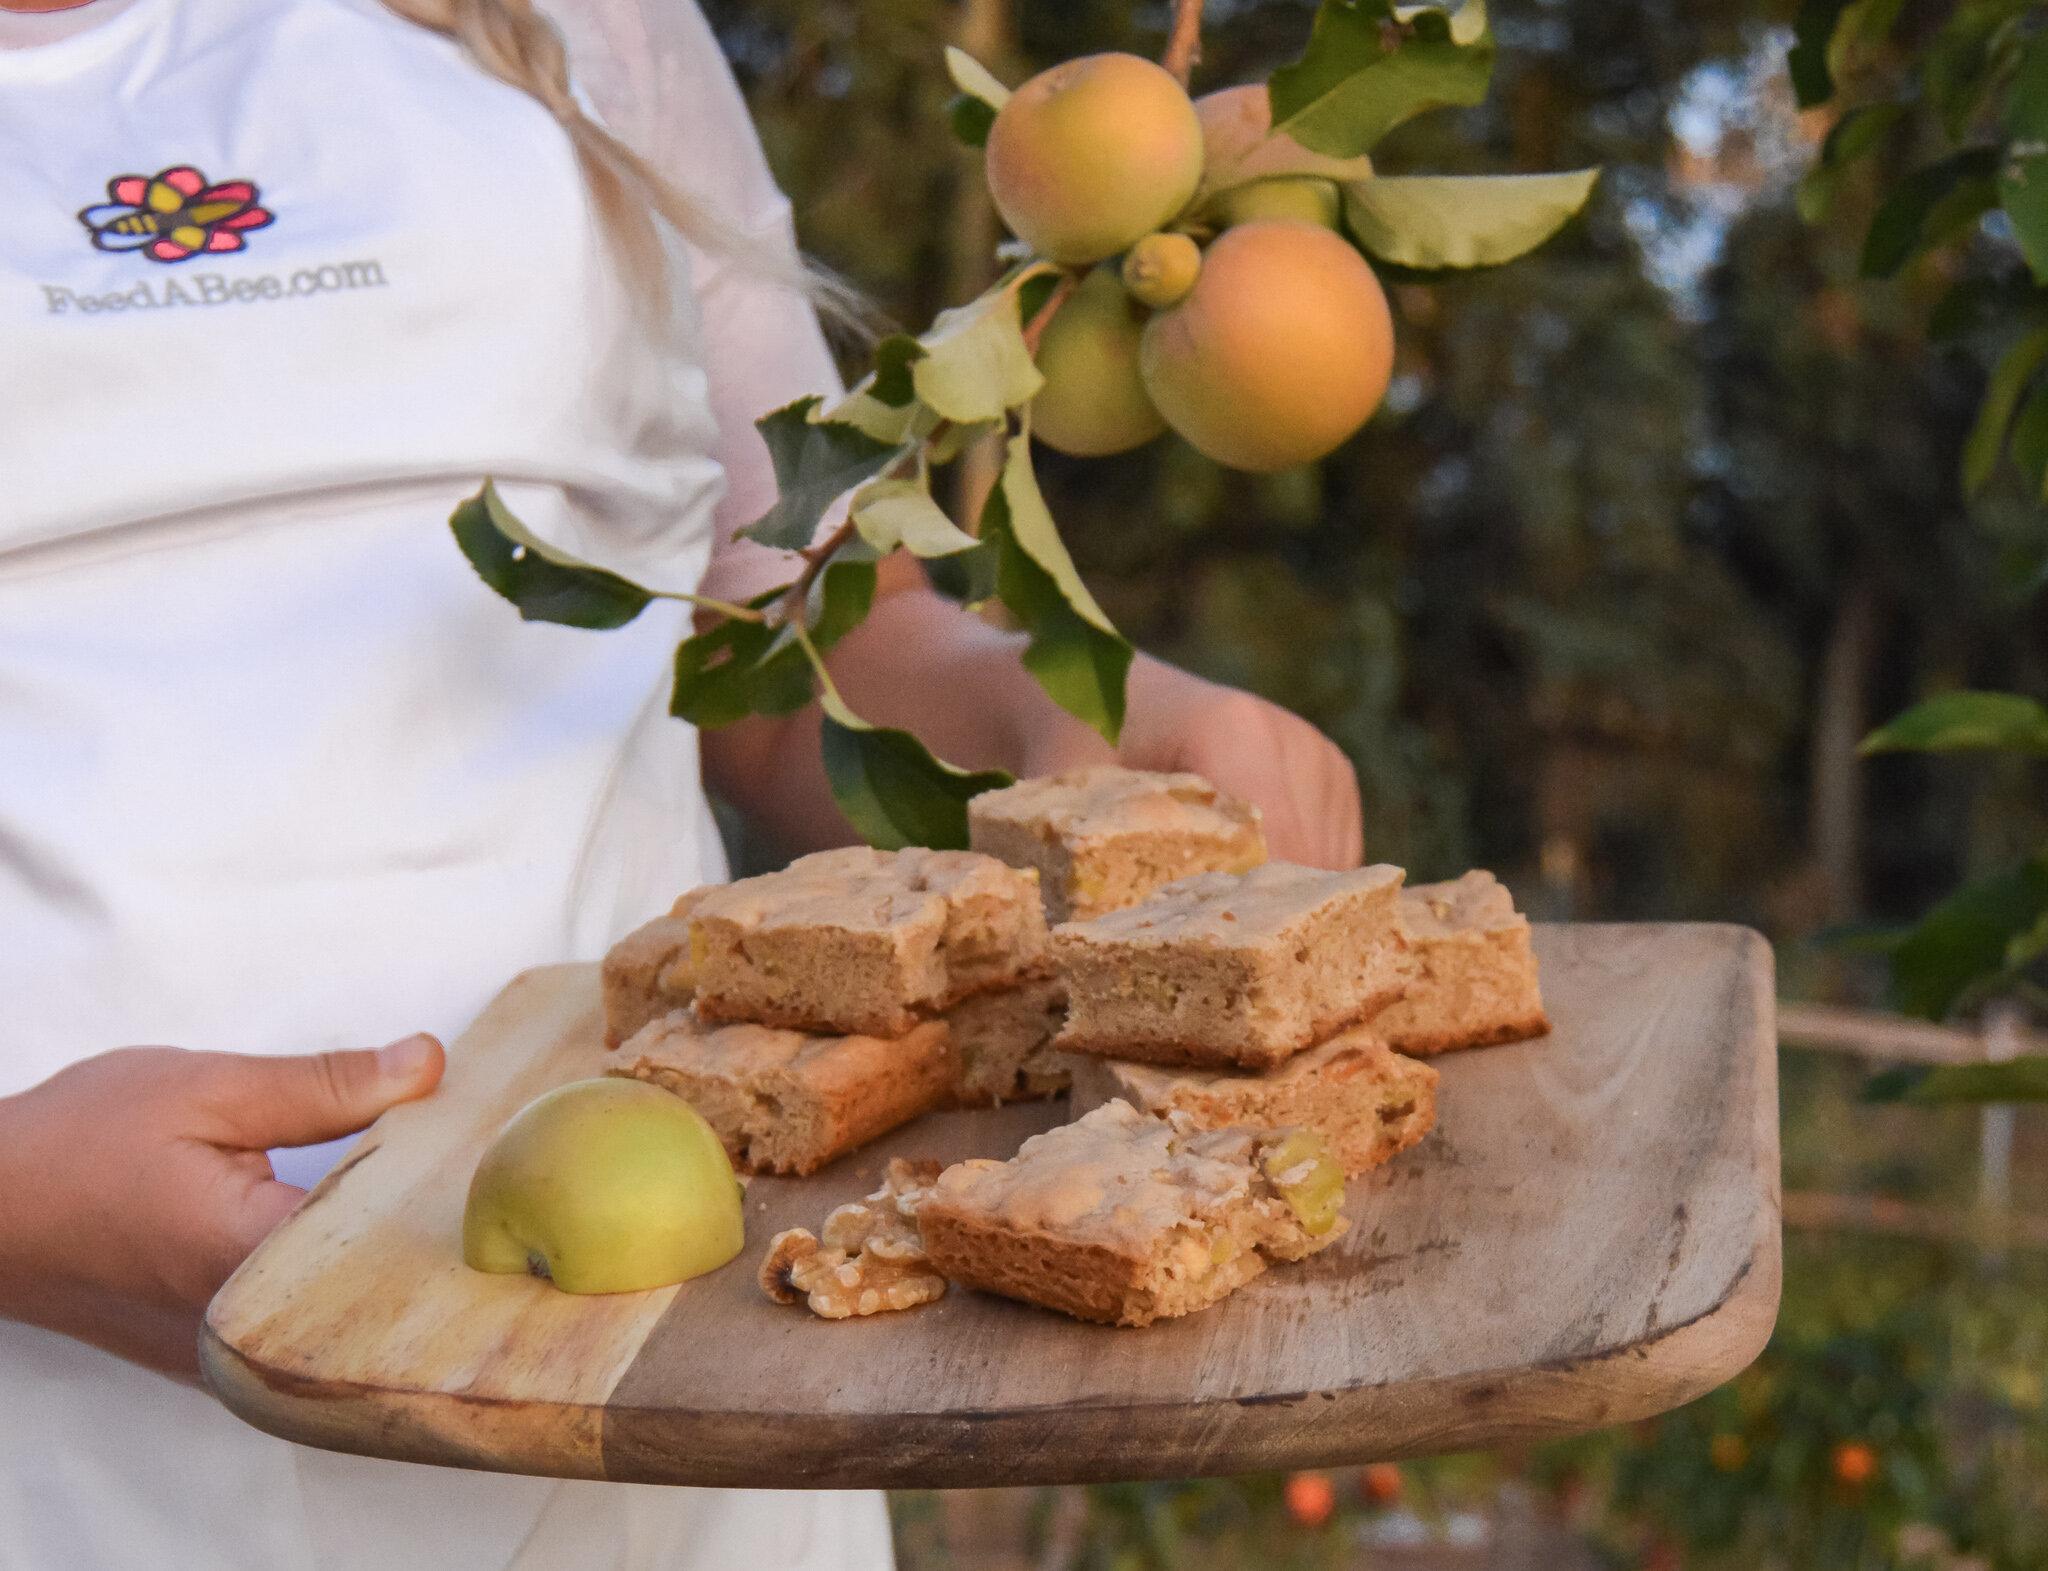 Apple Pie Blondes#garden, #summergarden, #harvest, #homesteading, #pesto, #diygarden, #gardengoals, #summergardening, #farmtofork, #nutrition, #homegrown, #farmtotable, #homegrownfood, #healthyfood, #healthyrecipes, #falldesserts, #apples, #appledessert, #applepie, #appleblondie, #brownie, #applepie, #feedabee